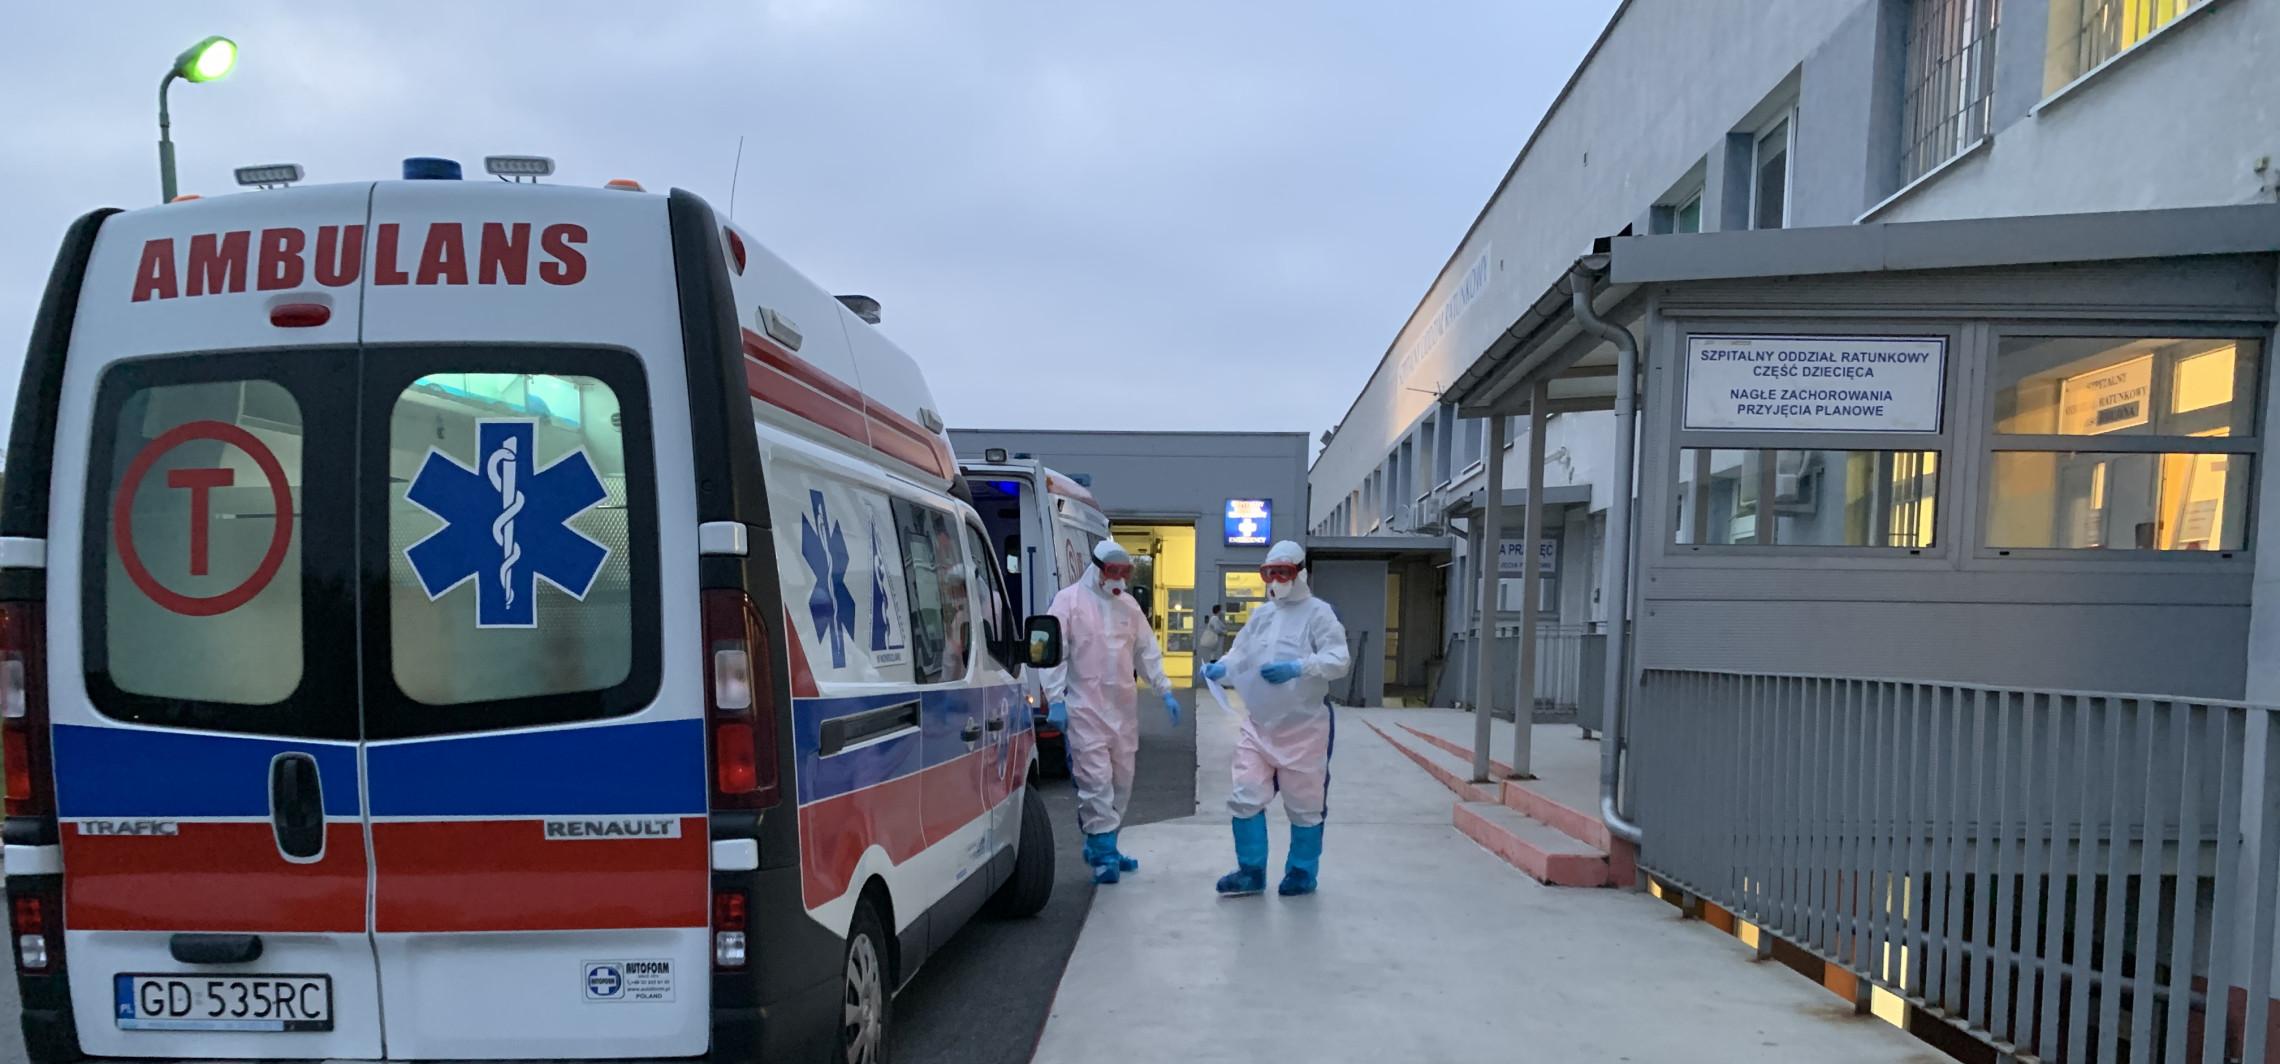 Inowrocław - Coraz więcej chorych. W szpitalu brakuje miejsc